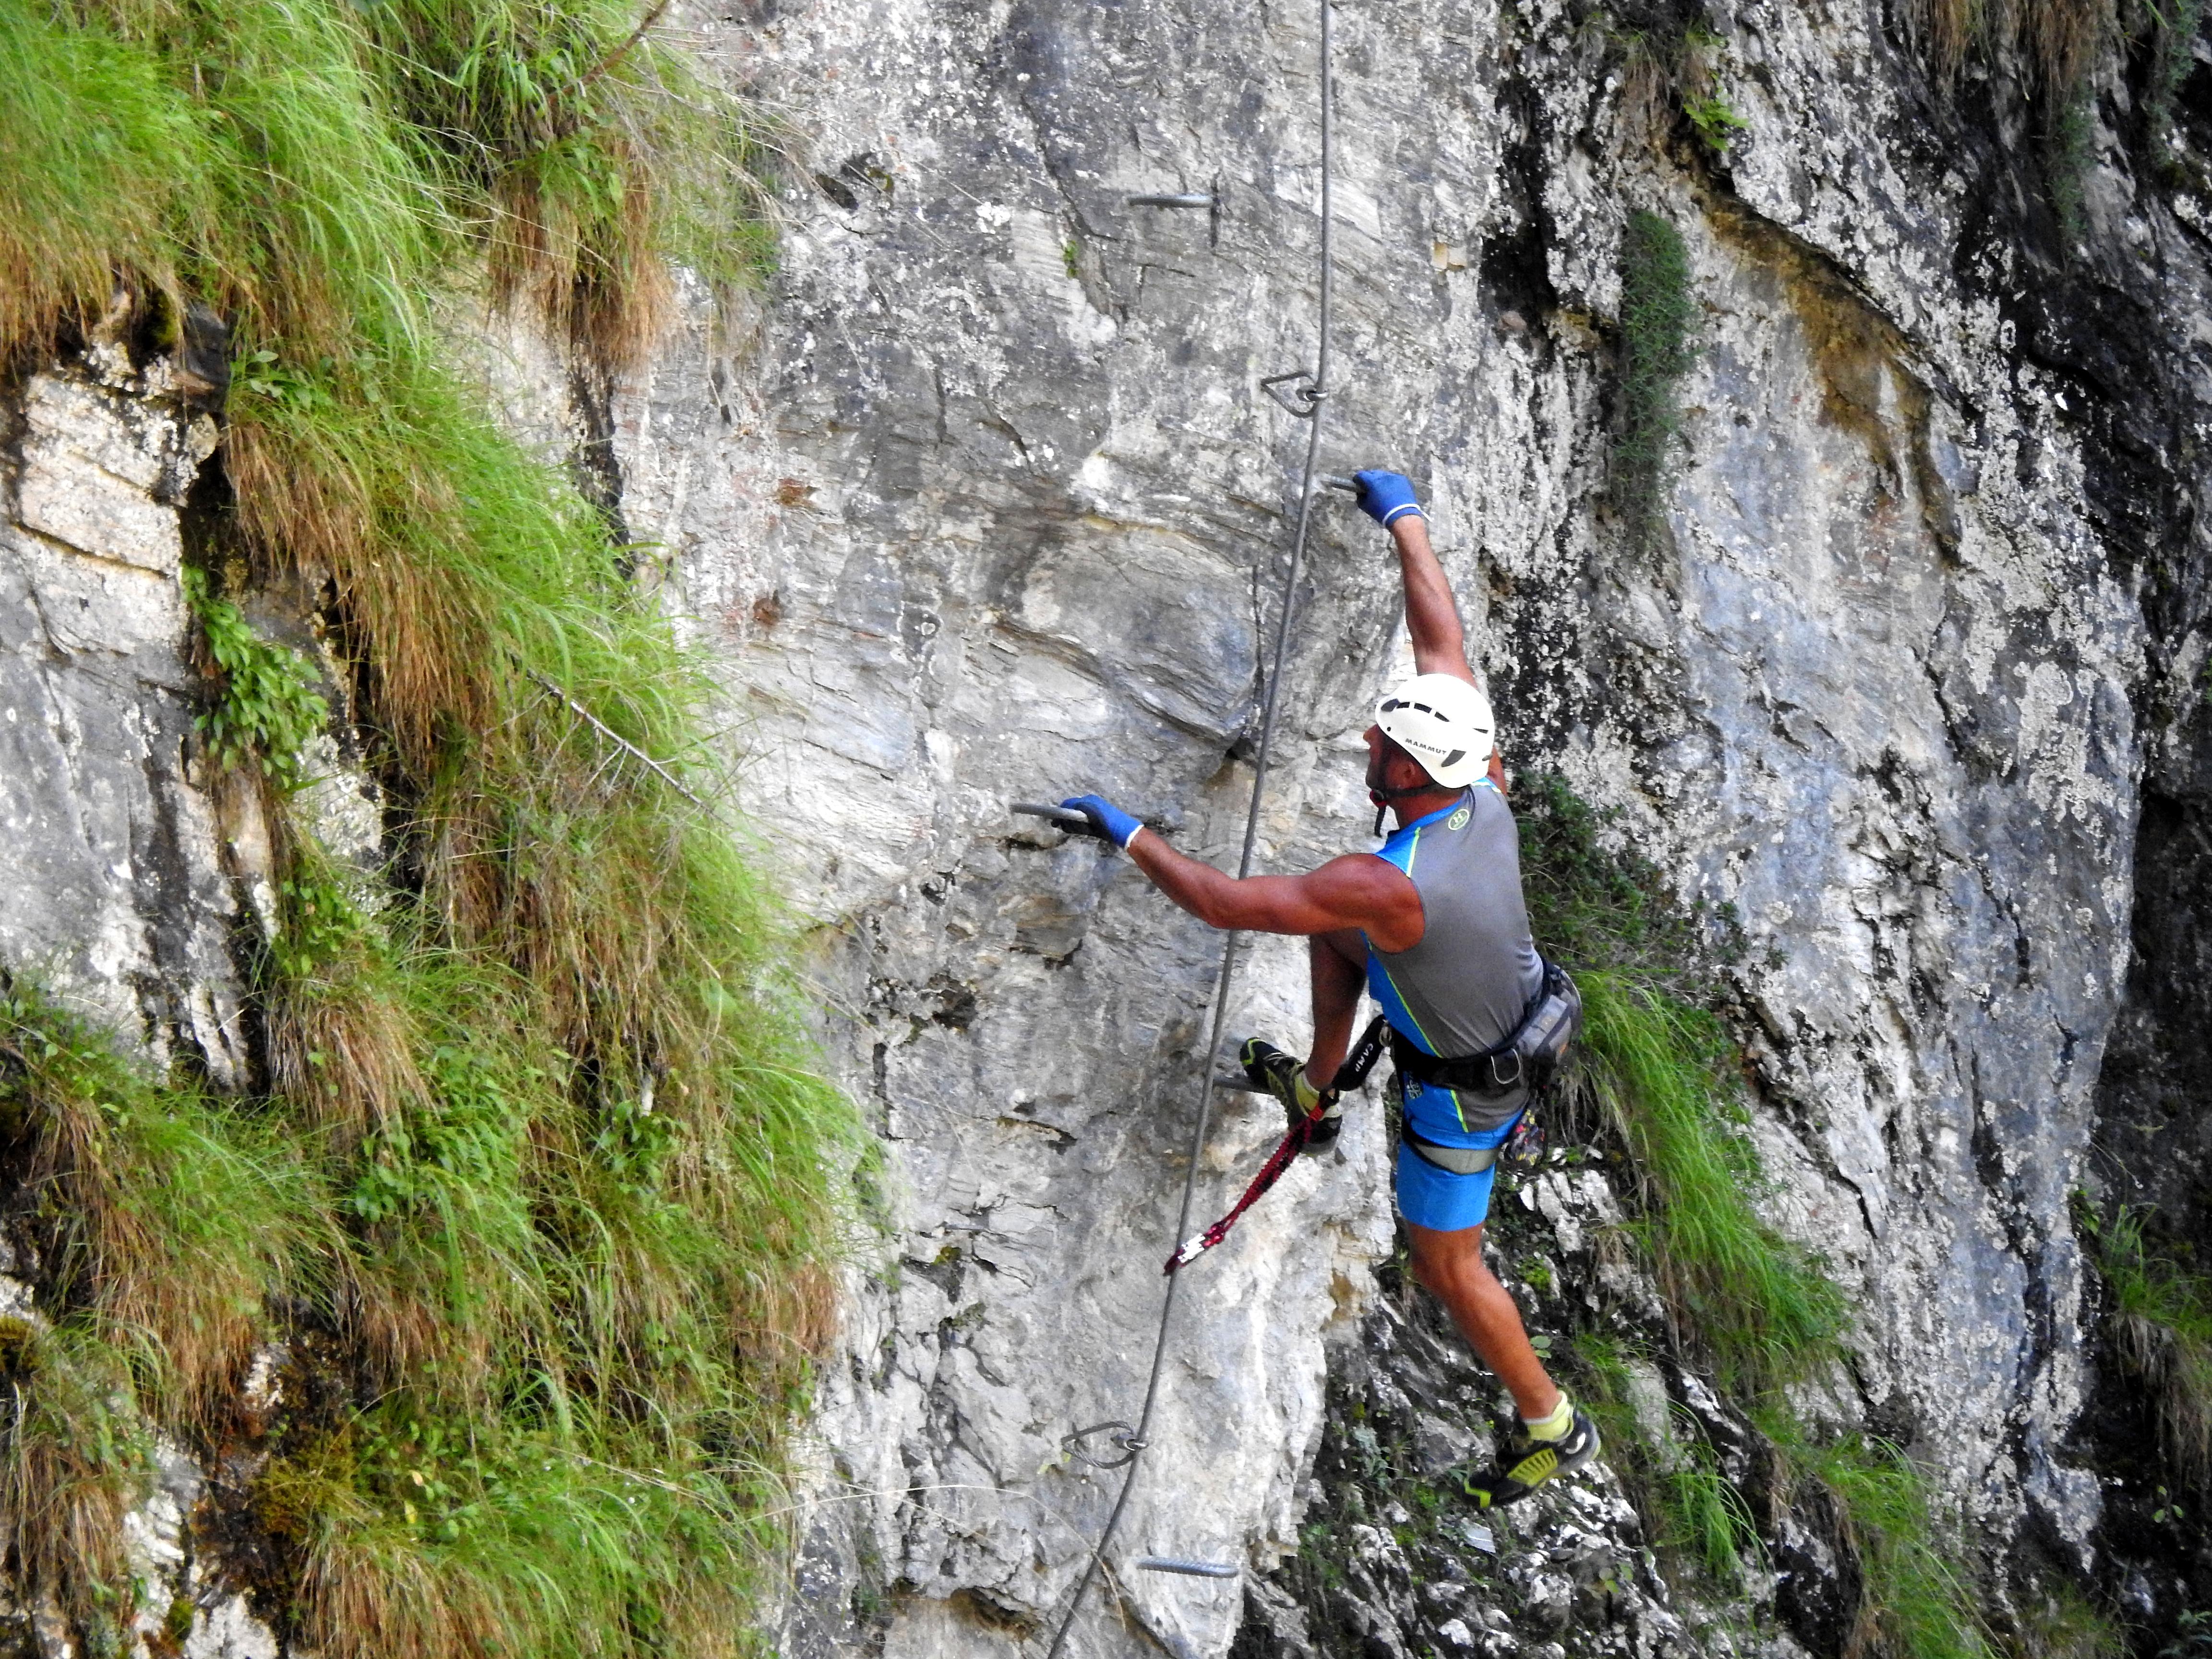 Klettersteig Kitzbühel : Plik kitz klettersteig unterer bereich g u wikipedia wolna